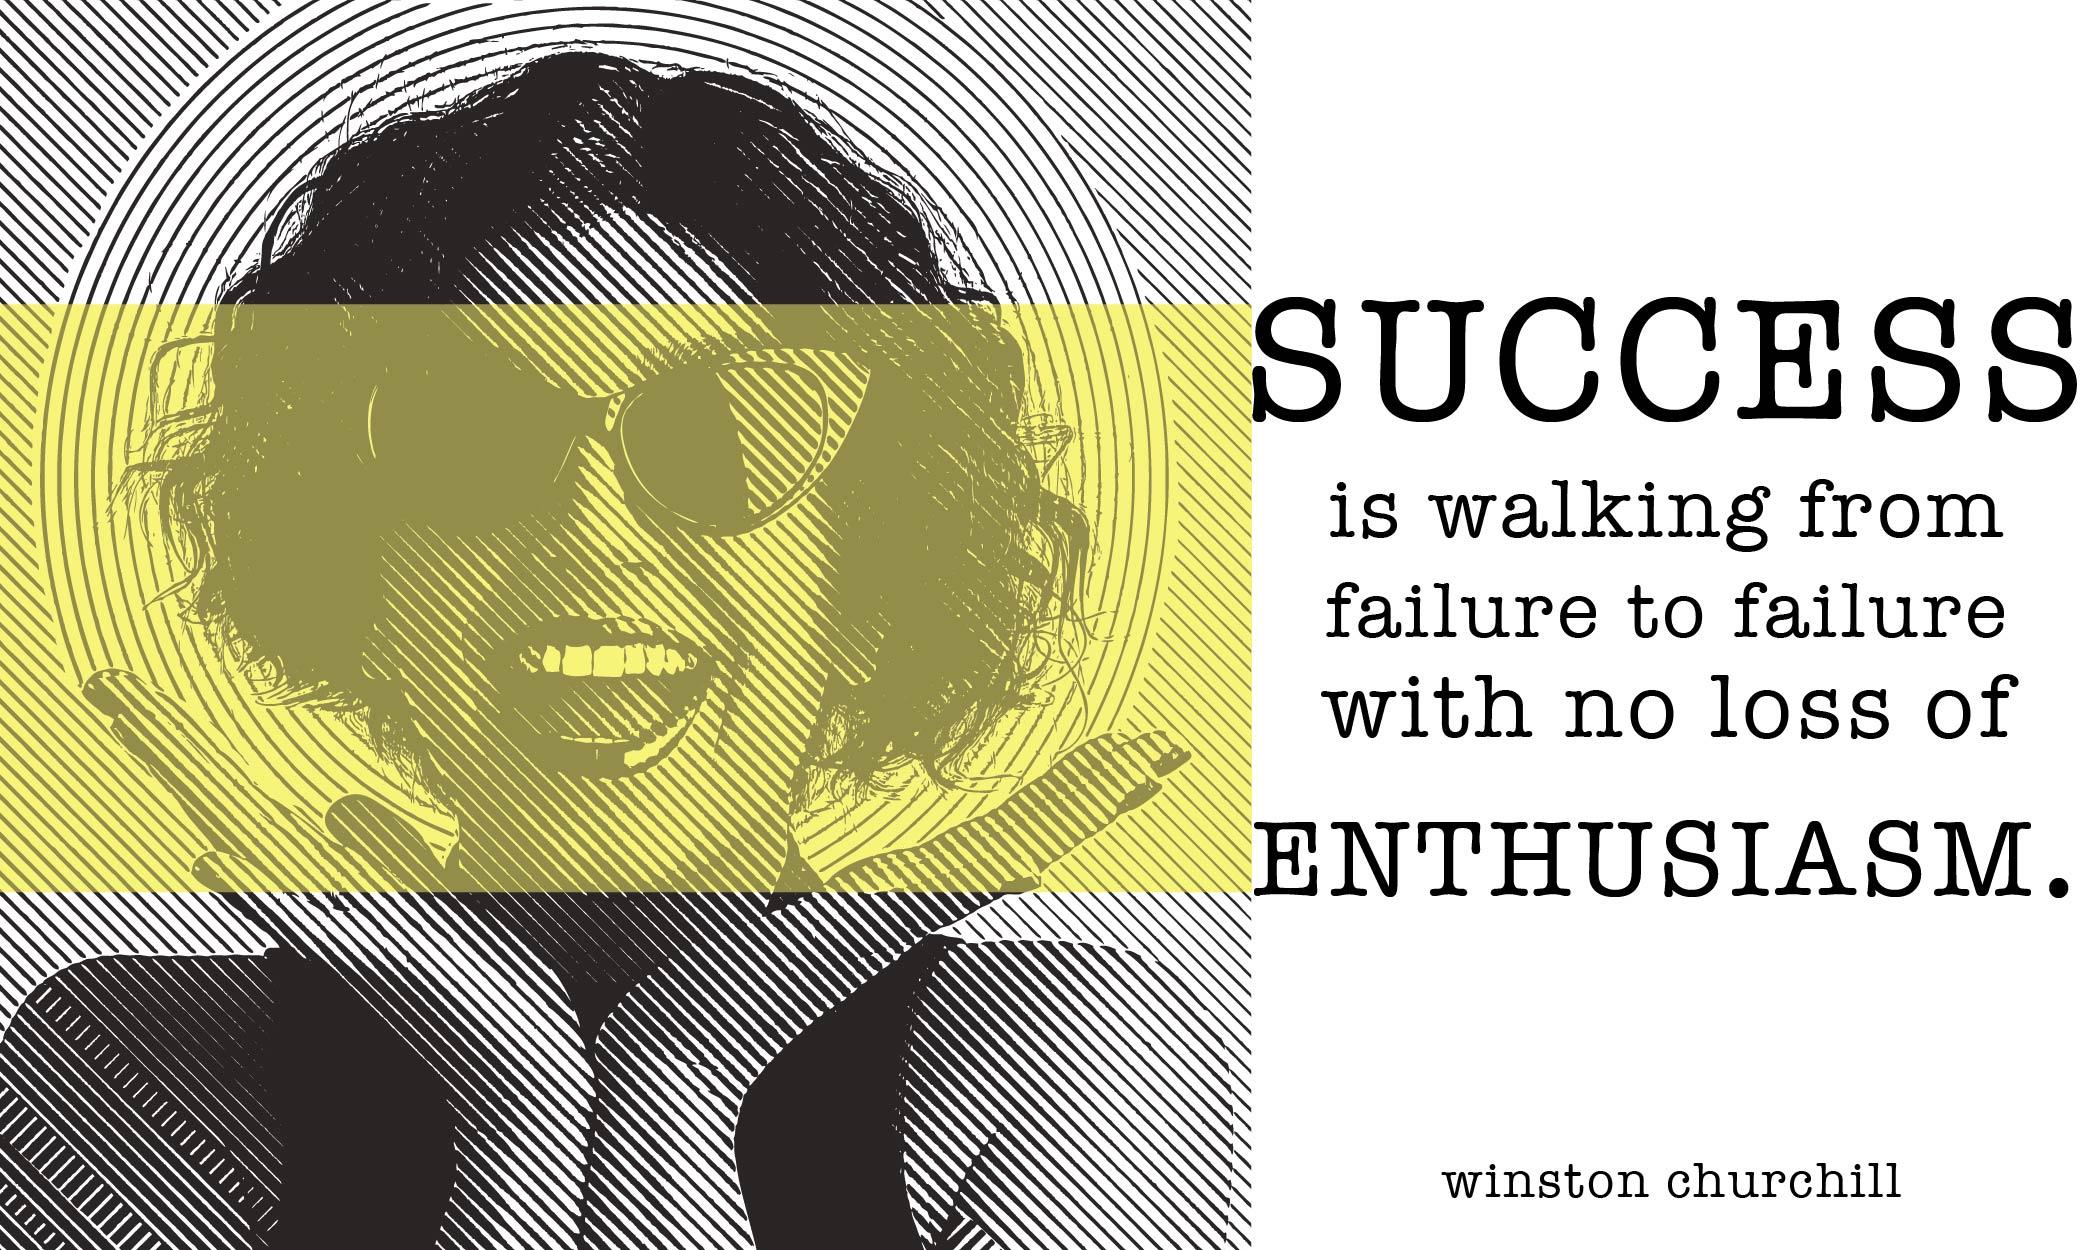 082318_SuccessFB-01-01.jpg